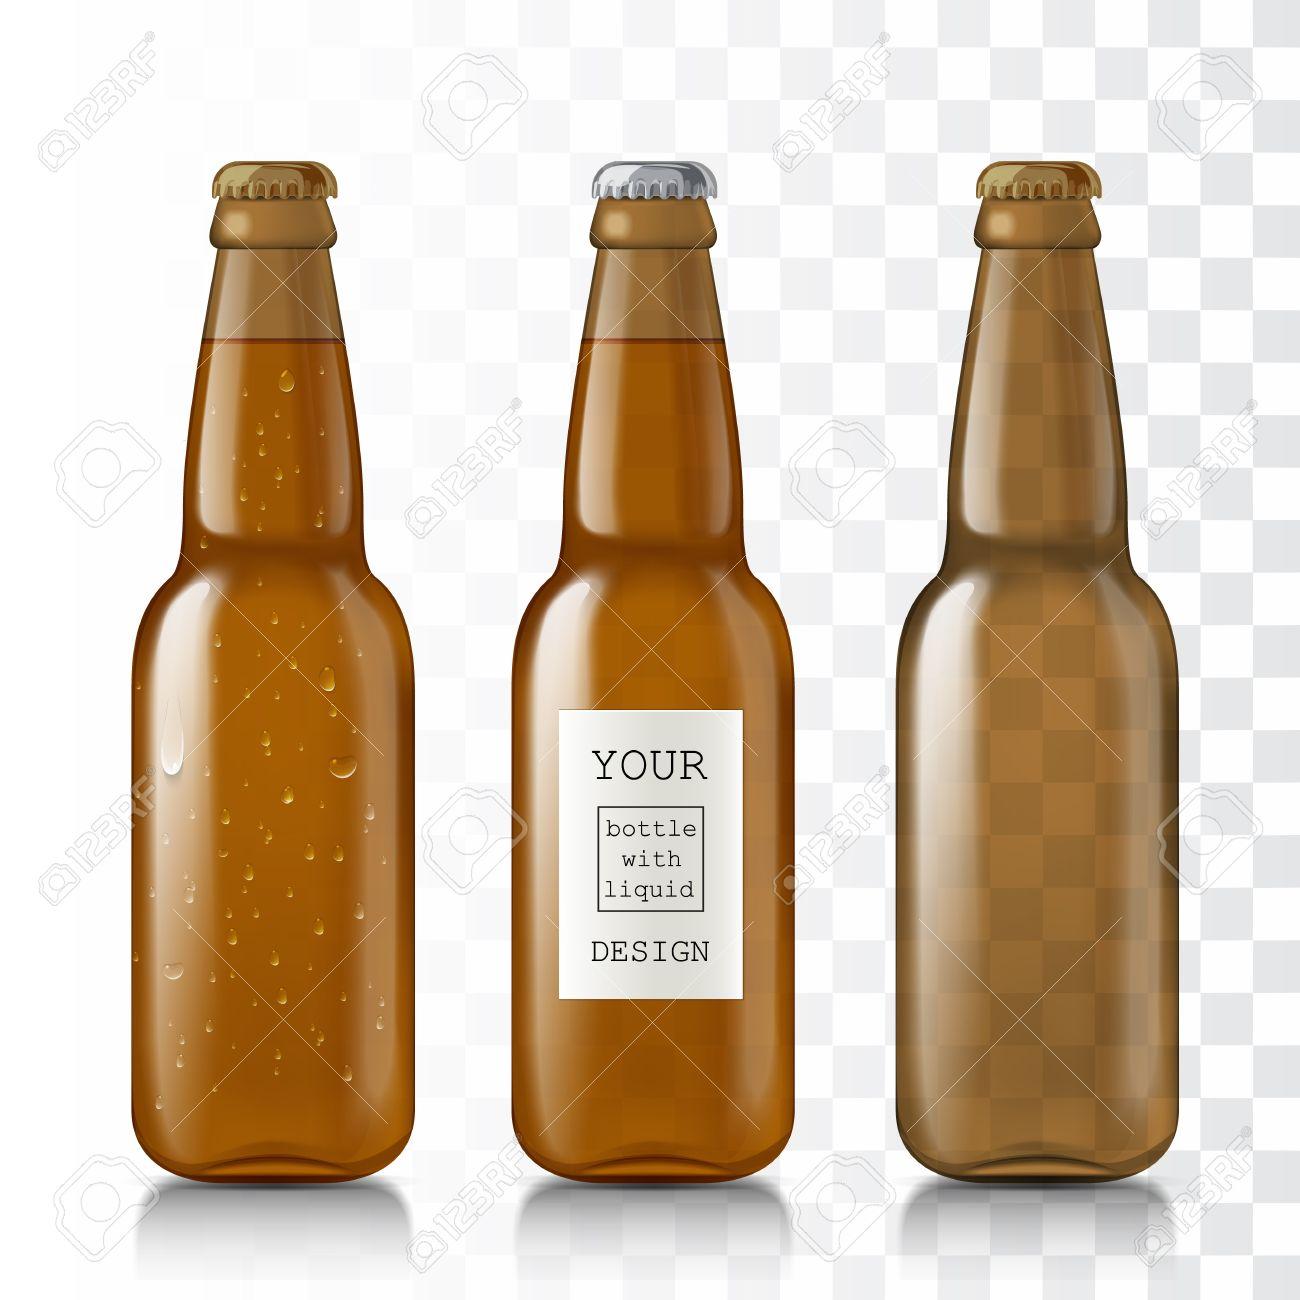 plantillas realistas botellas conjunto de botellas de cerveza de cristal con el diseo de